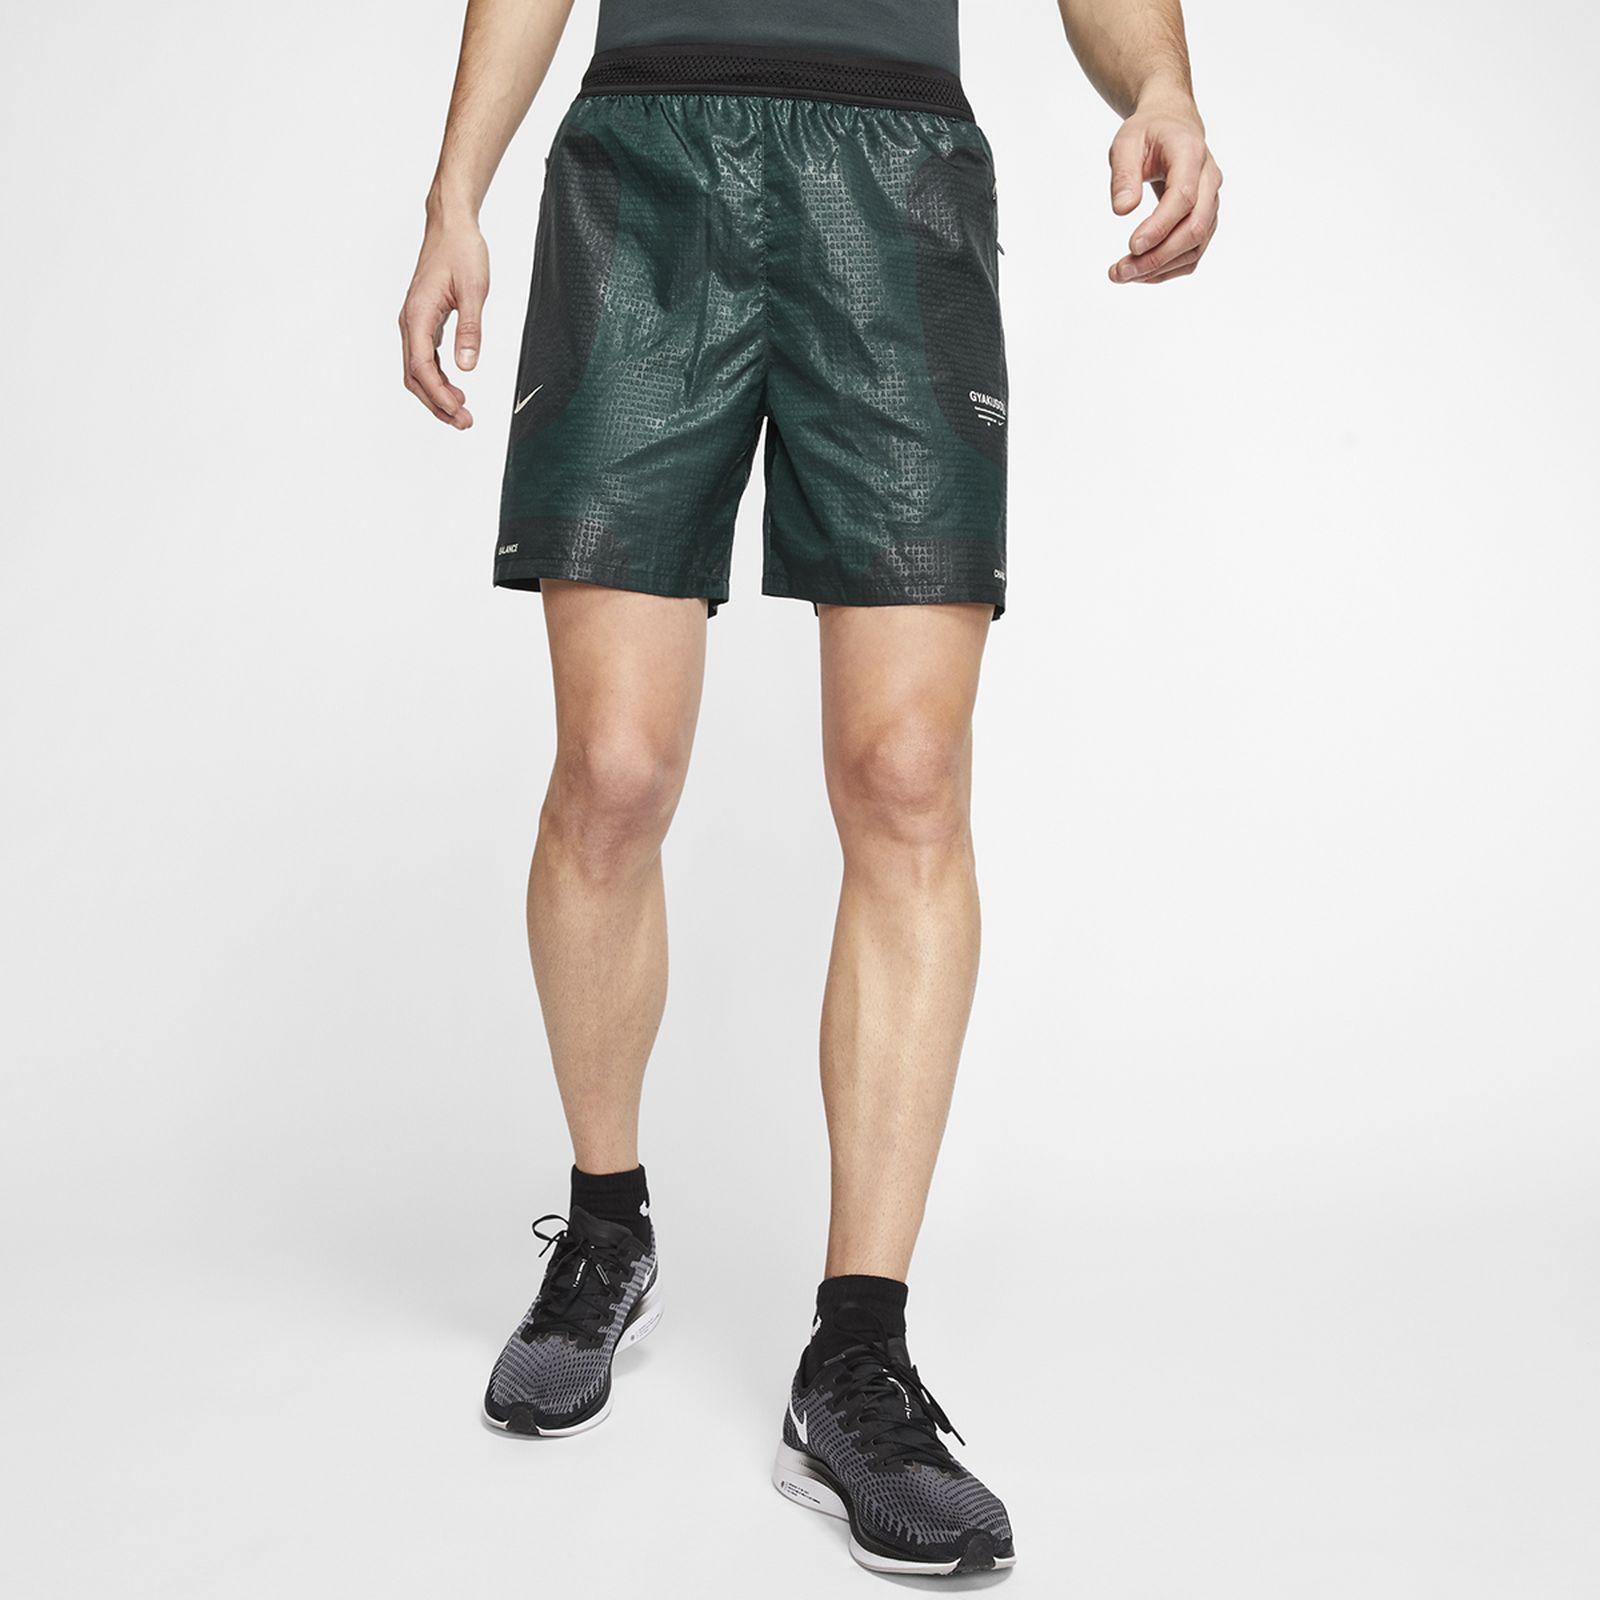 Nike Gyakusou Spring 2020